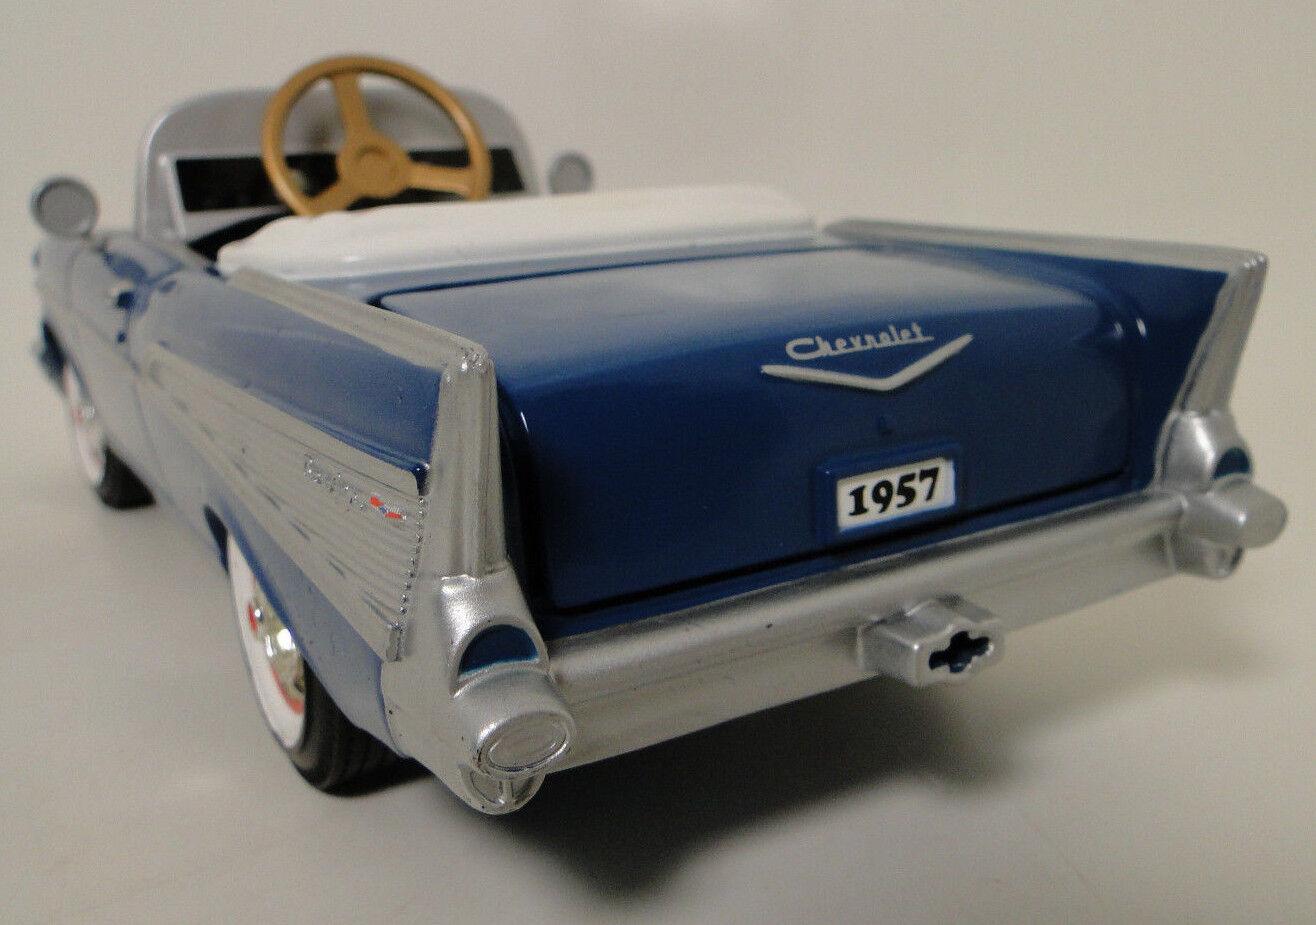 salida Auto A A A Pedal 1957 57 Chevy coleccionista de Metal Vintage Modelo     longitud  9.5 pulgadas 1955  Venta barata